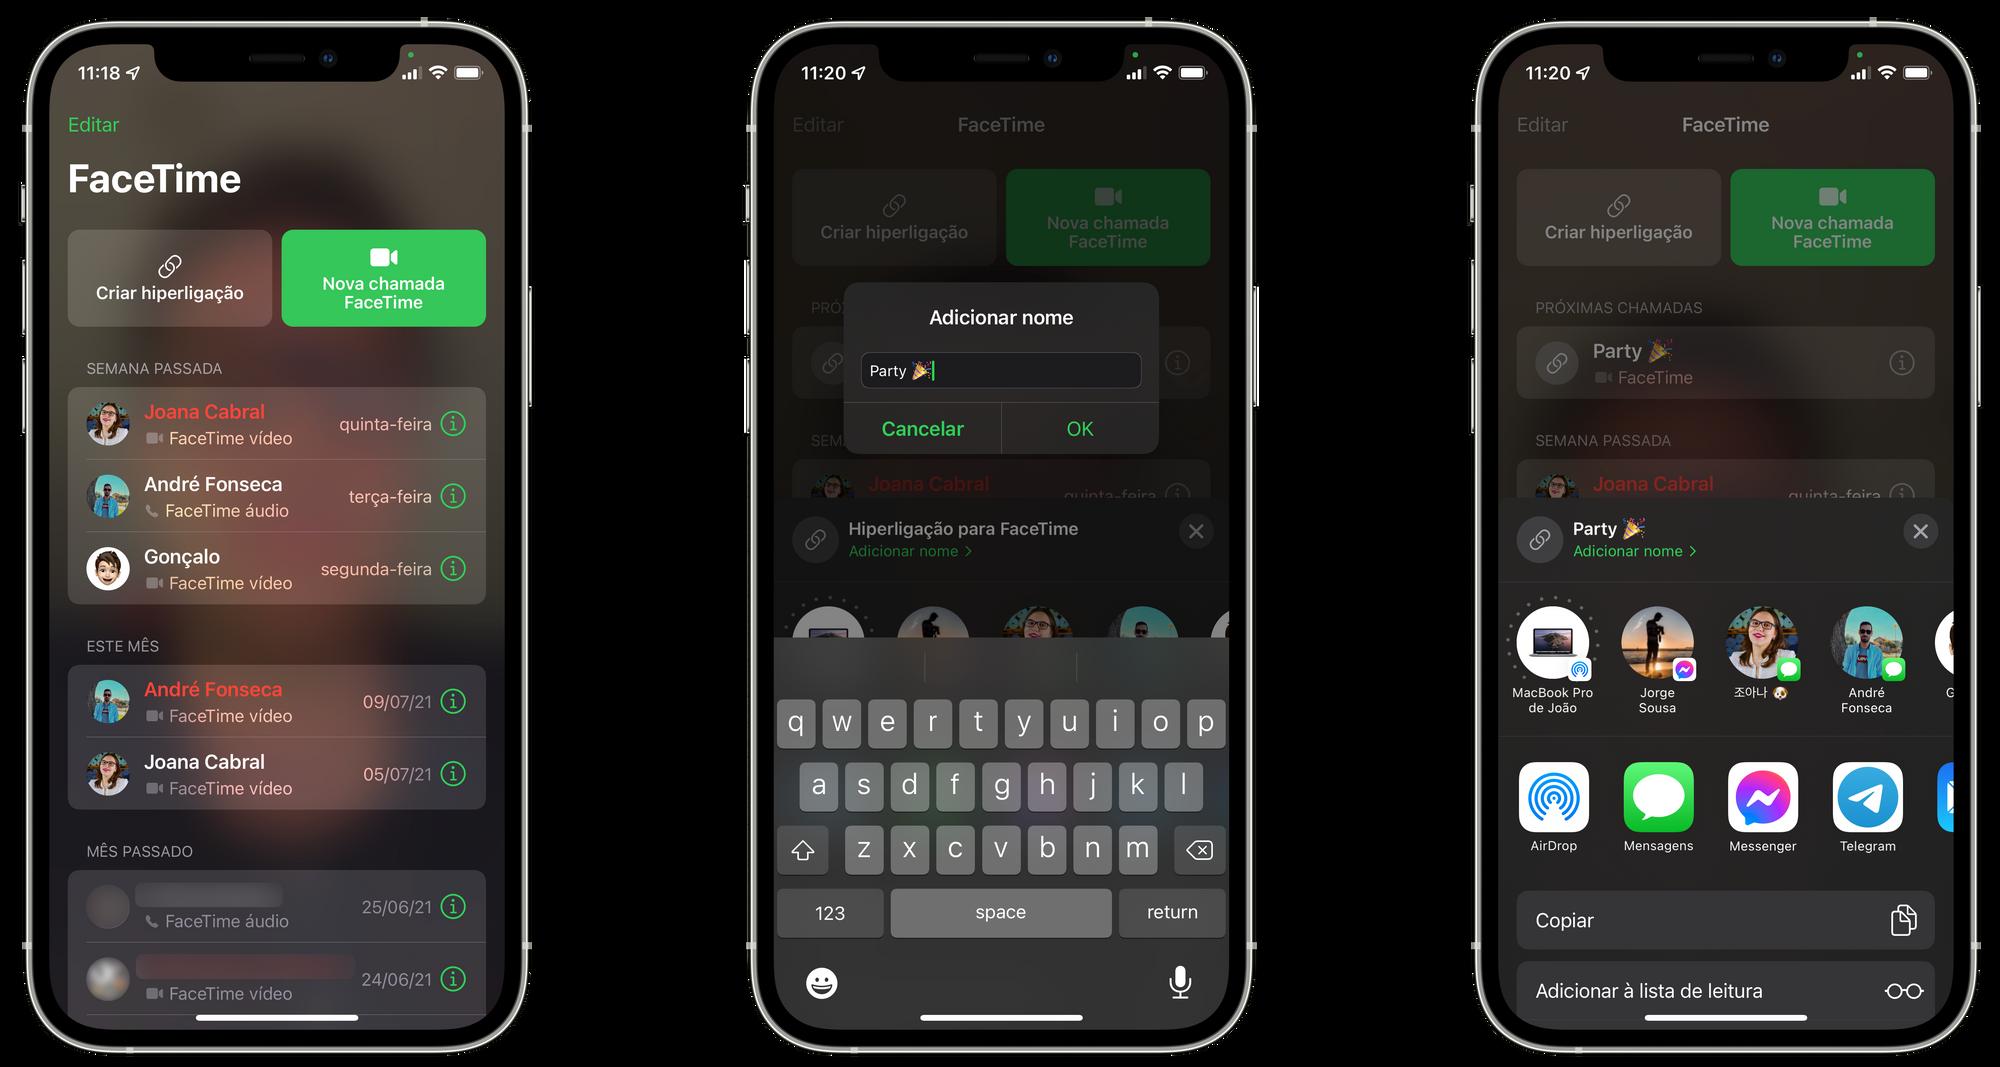 Criar uma chamada FaceTime com utiizadores Android, Windows ou Linux no iOS 15